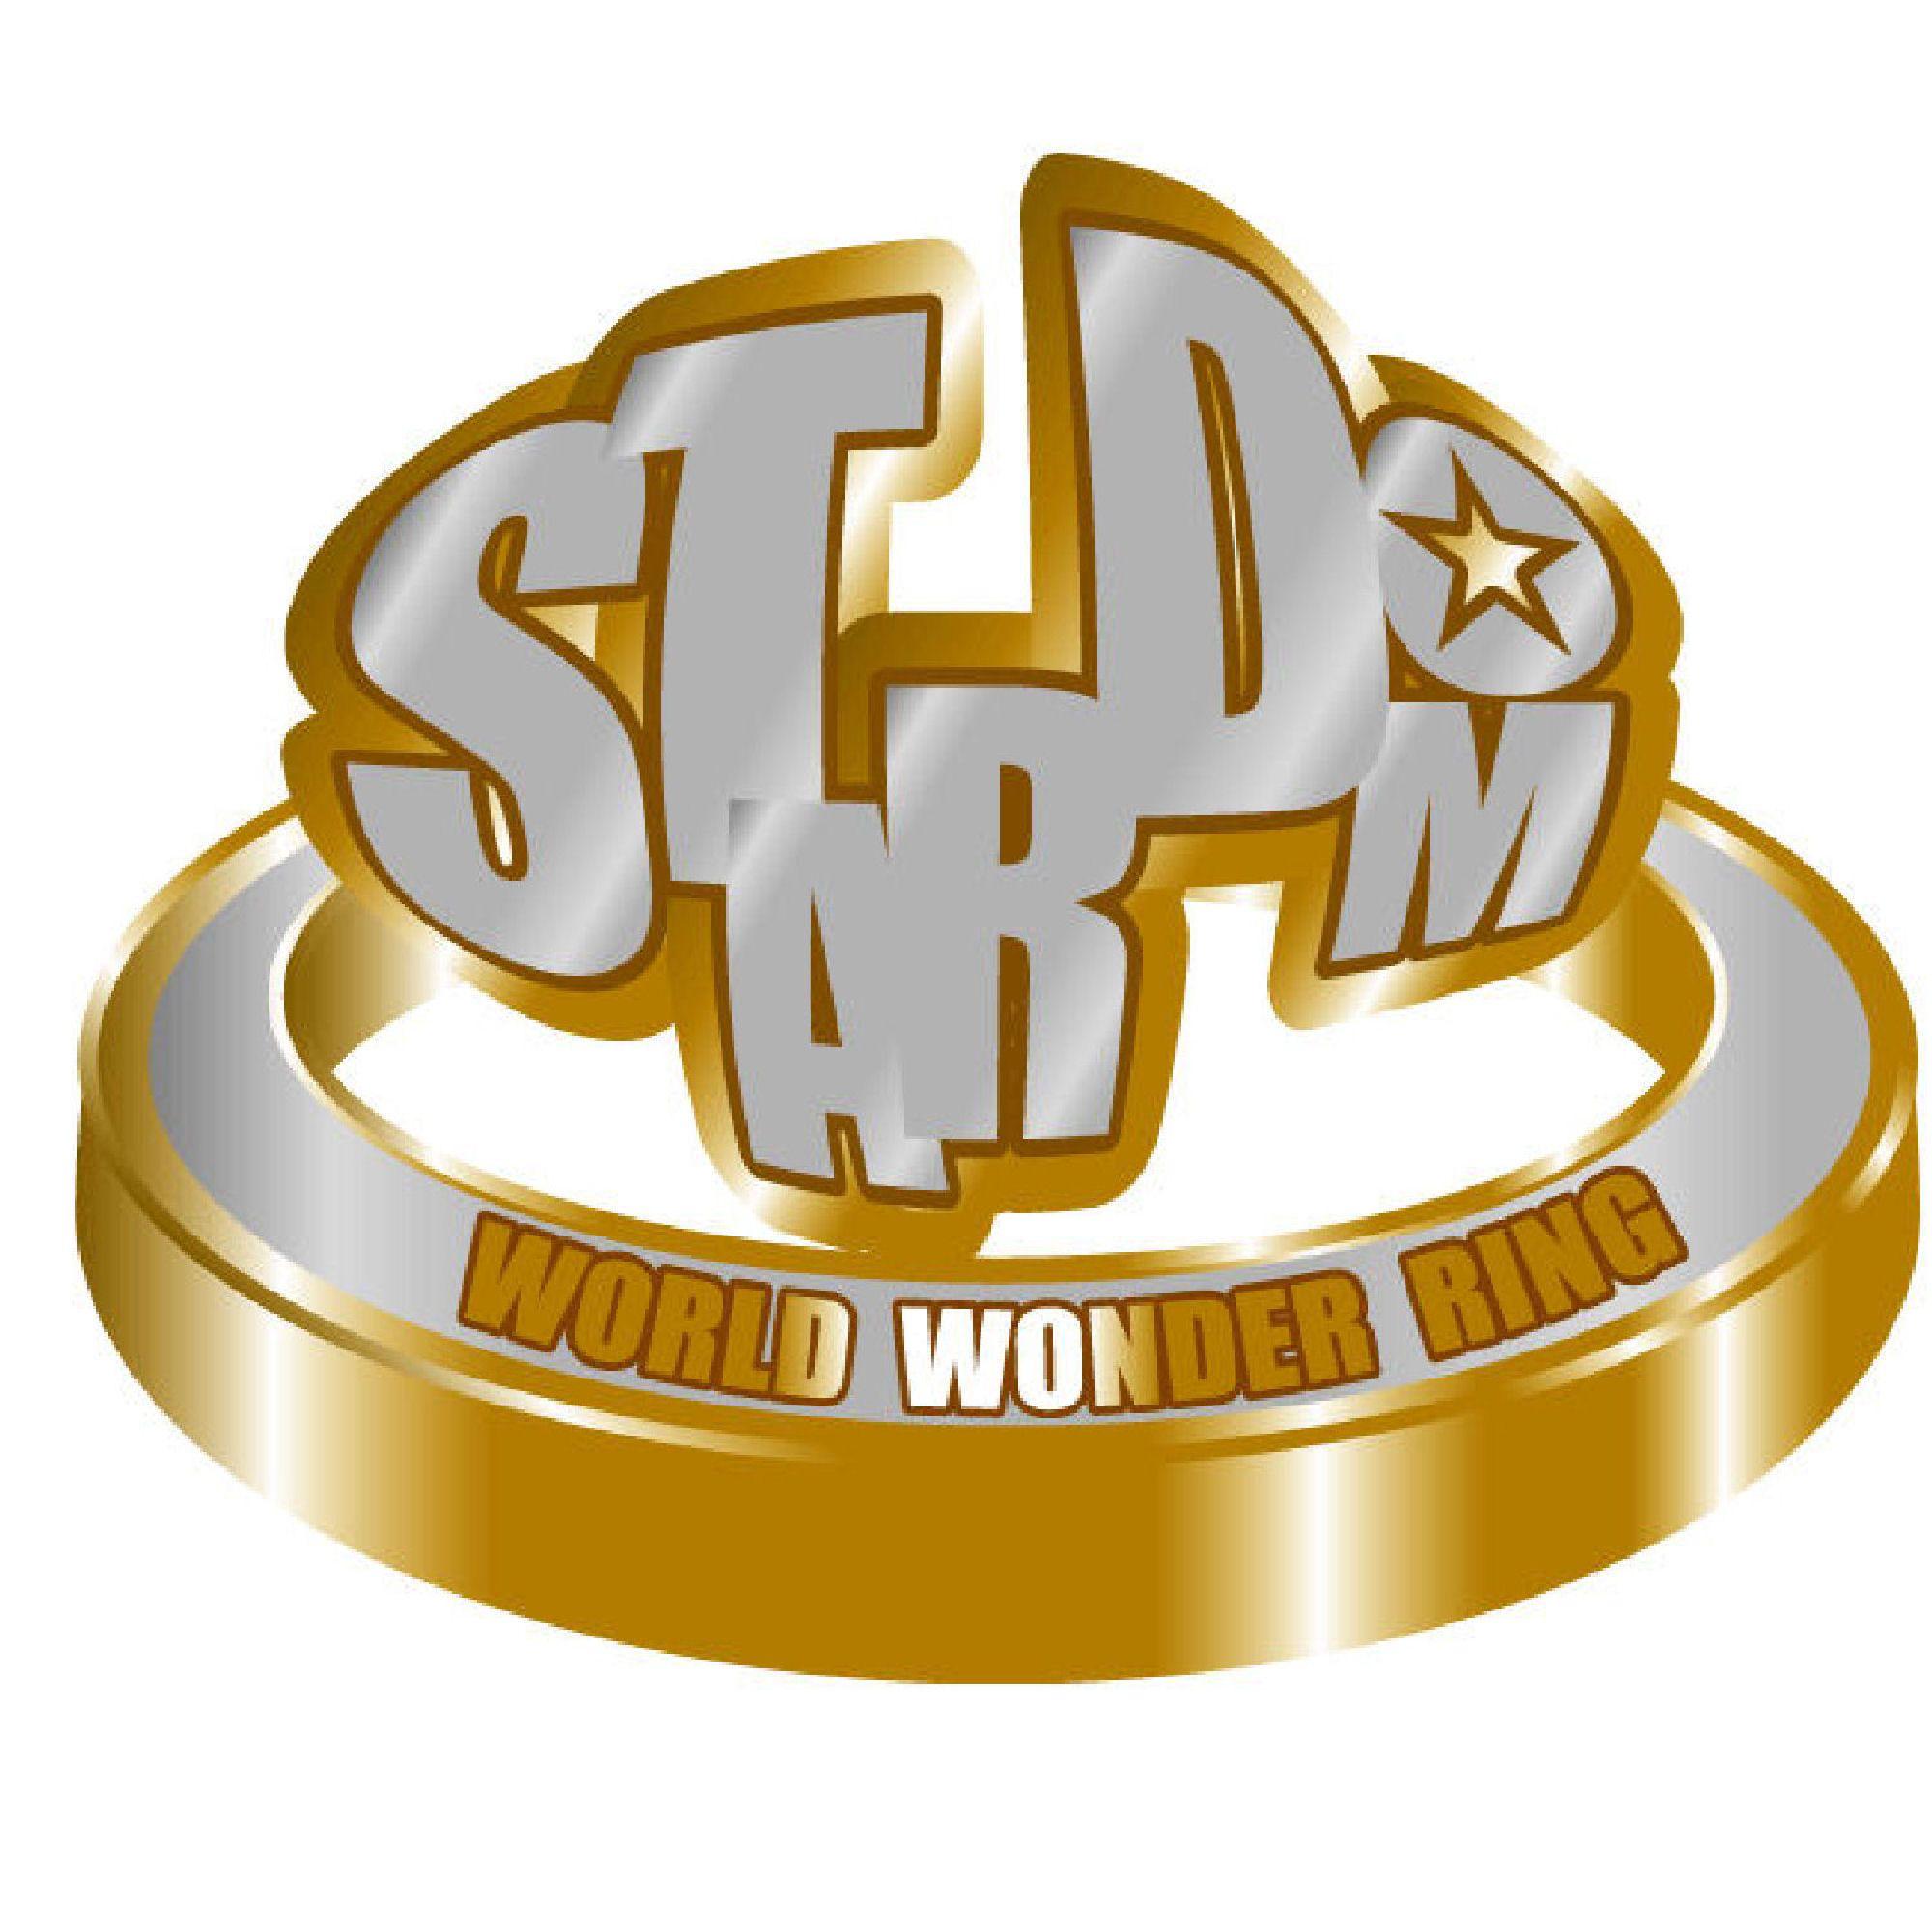 Stardom Review